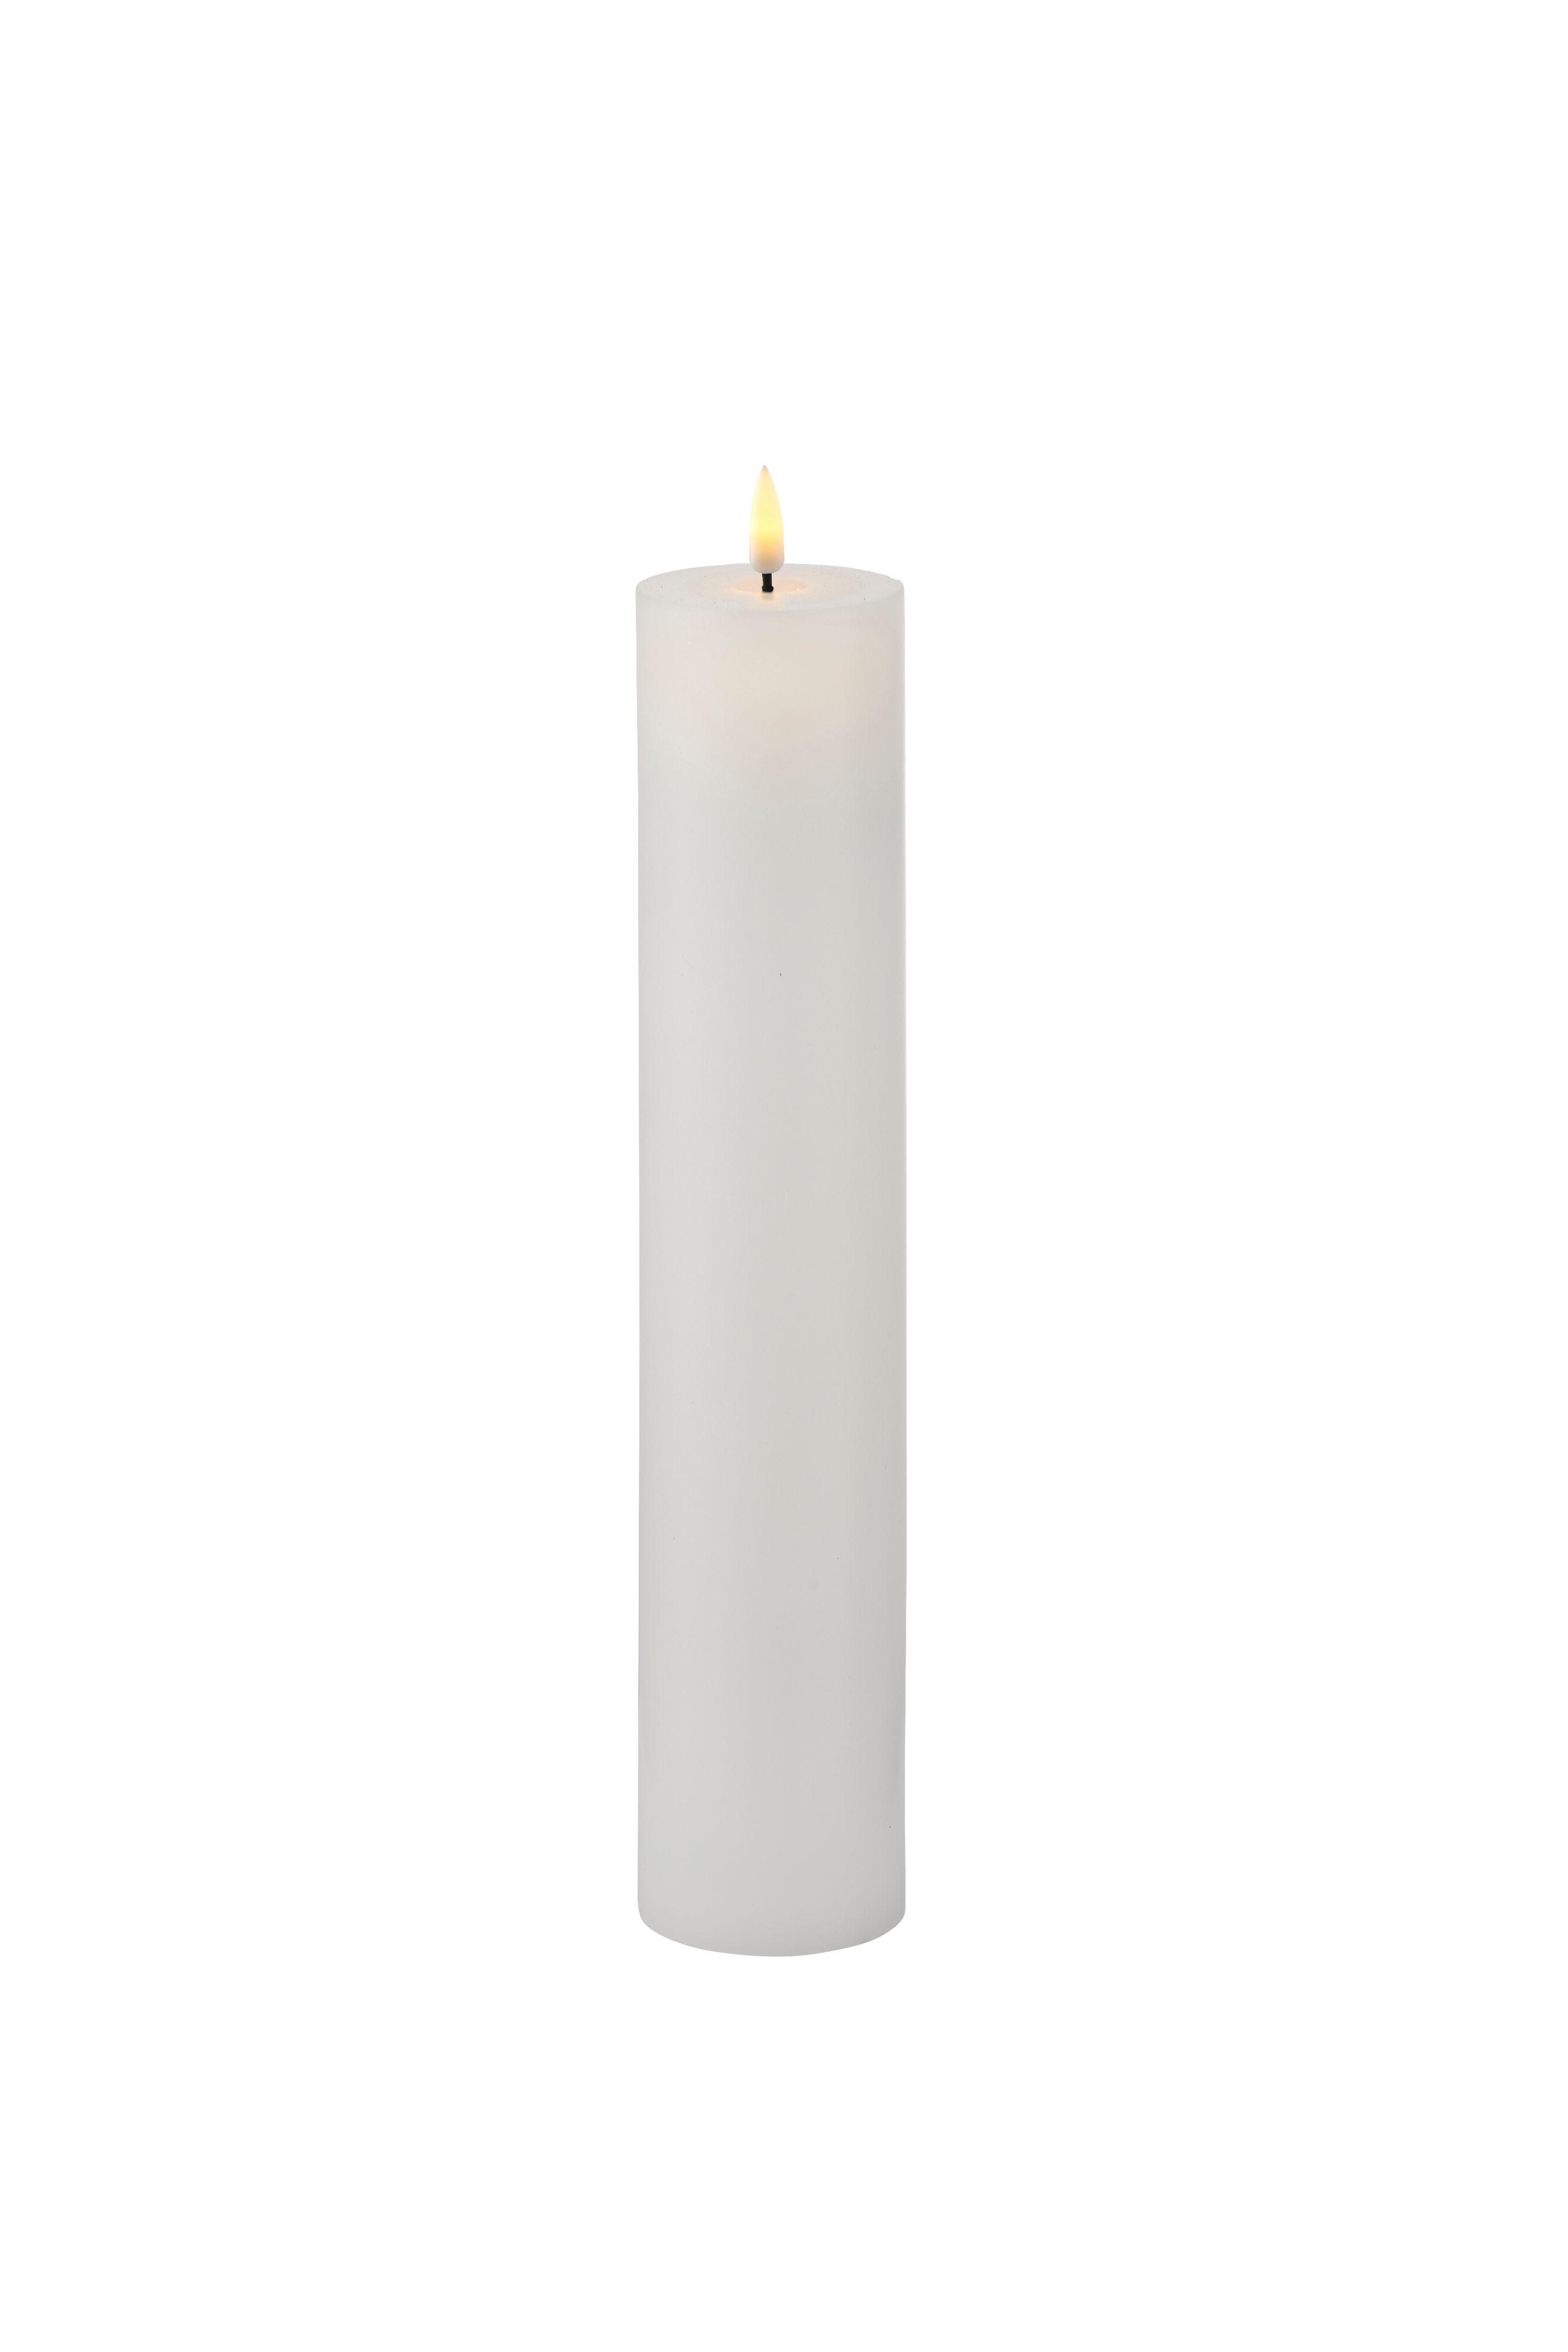 Sirius Sille Exclusive lys, 5x25 cm, hvid